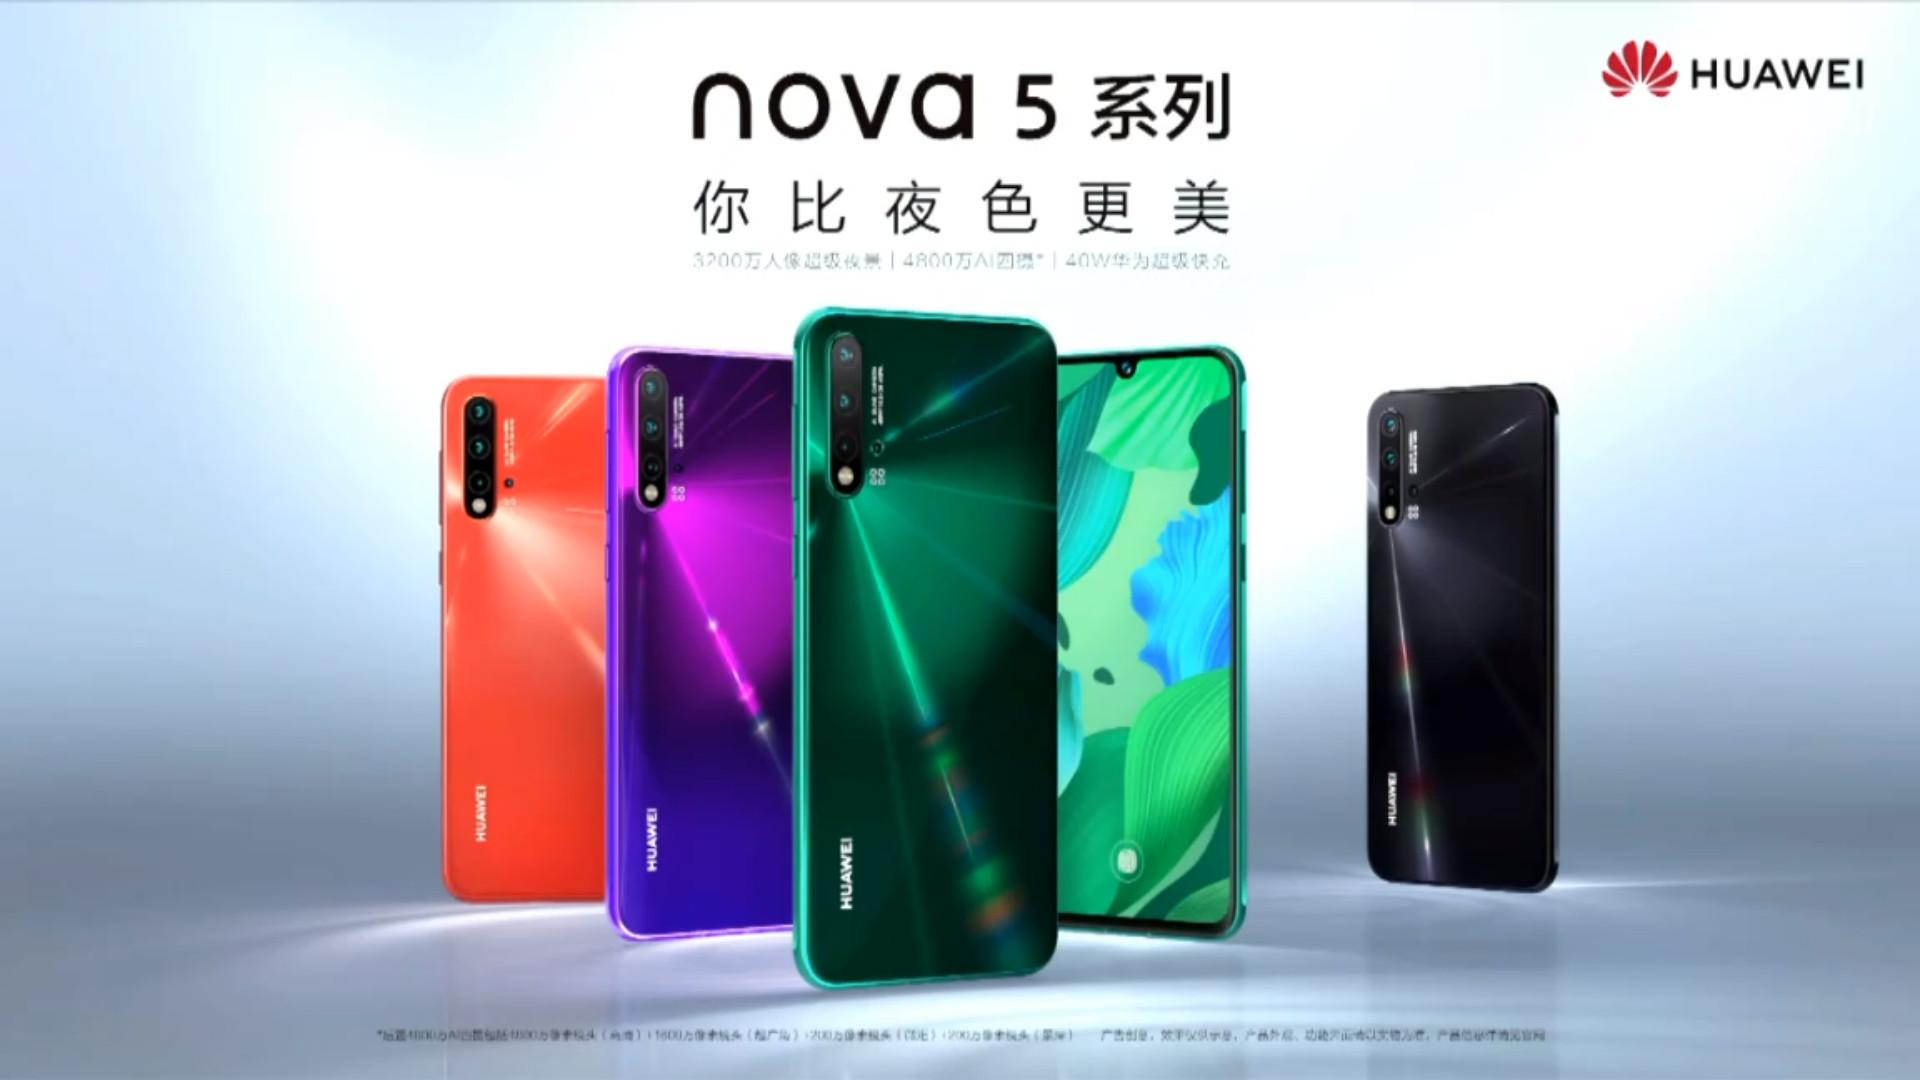 Huawei trình làng bộ đôi Nova 5/Nova 5 Pro với chip Kirin 810 mới, 4 camera sau, sạc nhanh 40W